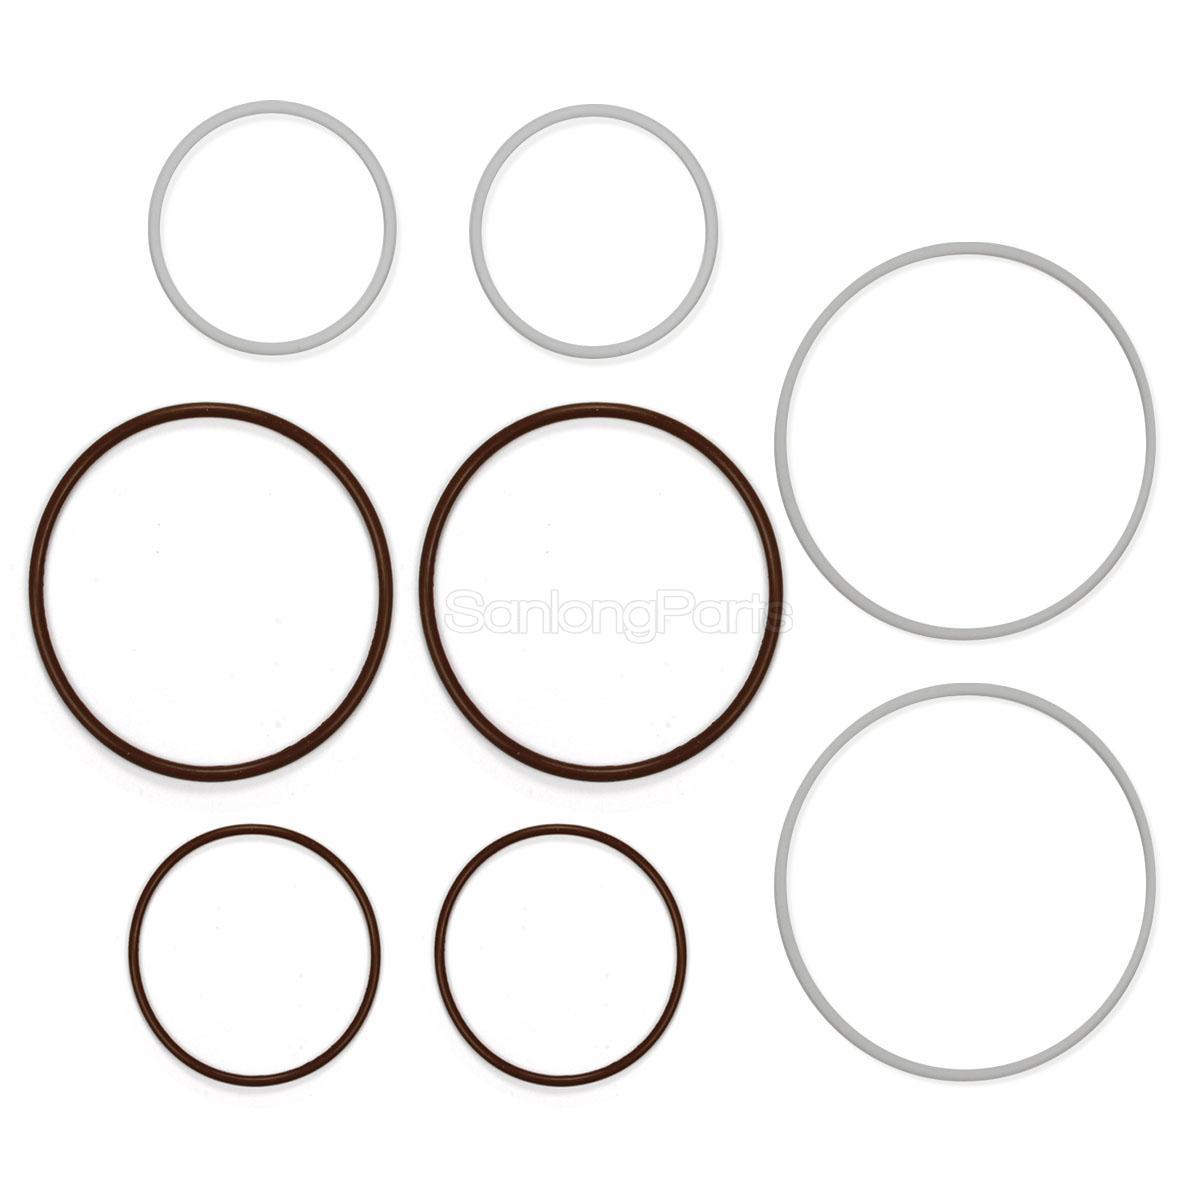 Dual Vanos Seals O Ring Repair Kit Fits E36 E39 E46 E53 E60 E83 E85 M52tu M54